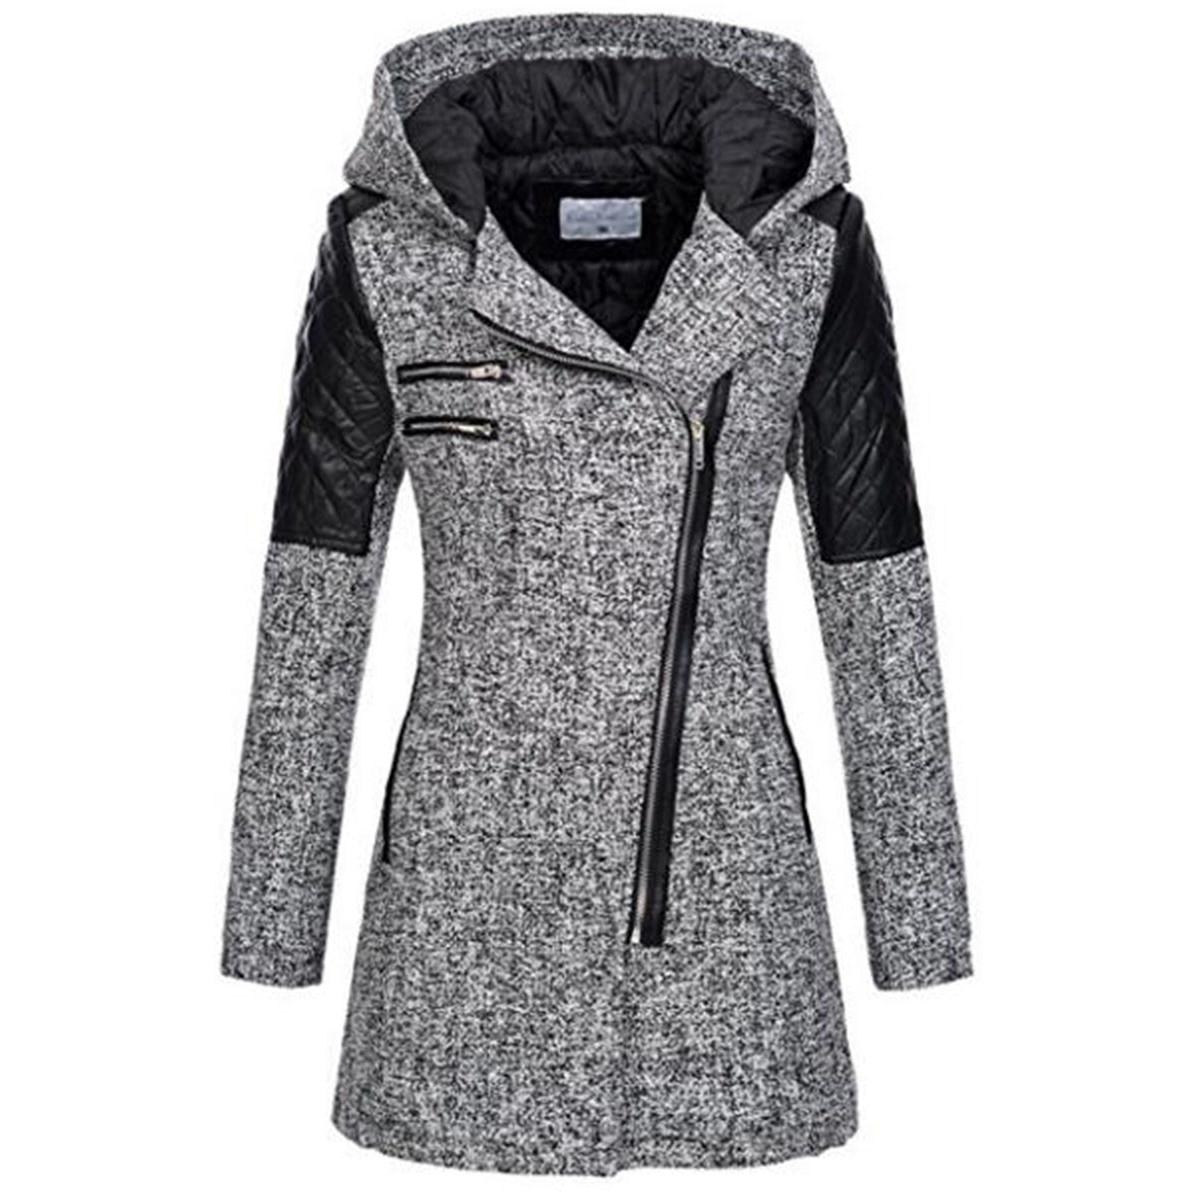 Rosetic Для женщин Цвет блок с капюшоном куртка на молнии Тонкий Зимние Черные Сапоги Топ Base Coat Повседневное девочек смесь верхняя одежда на ос...